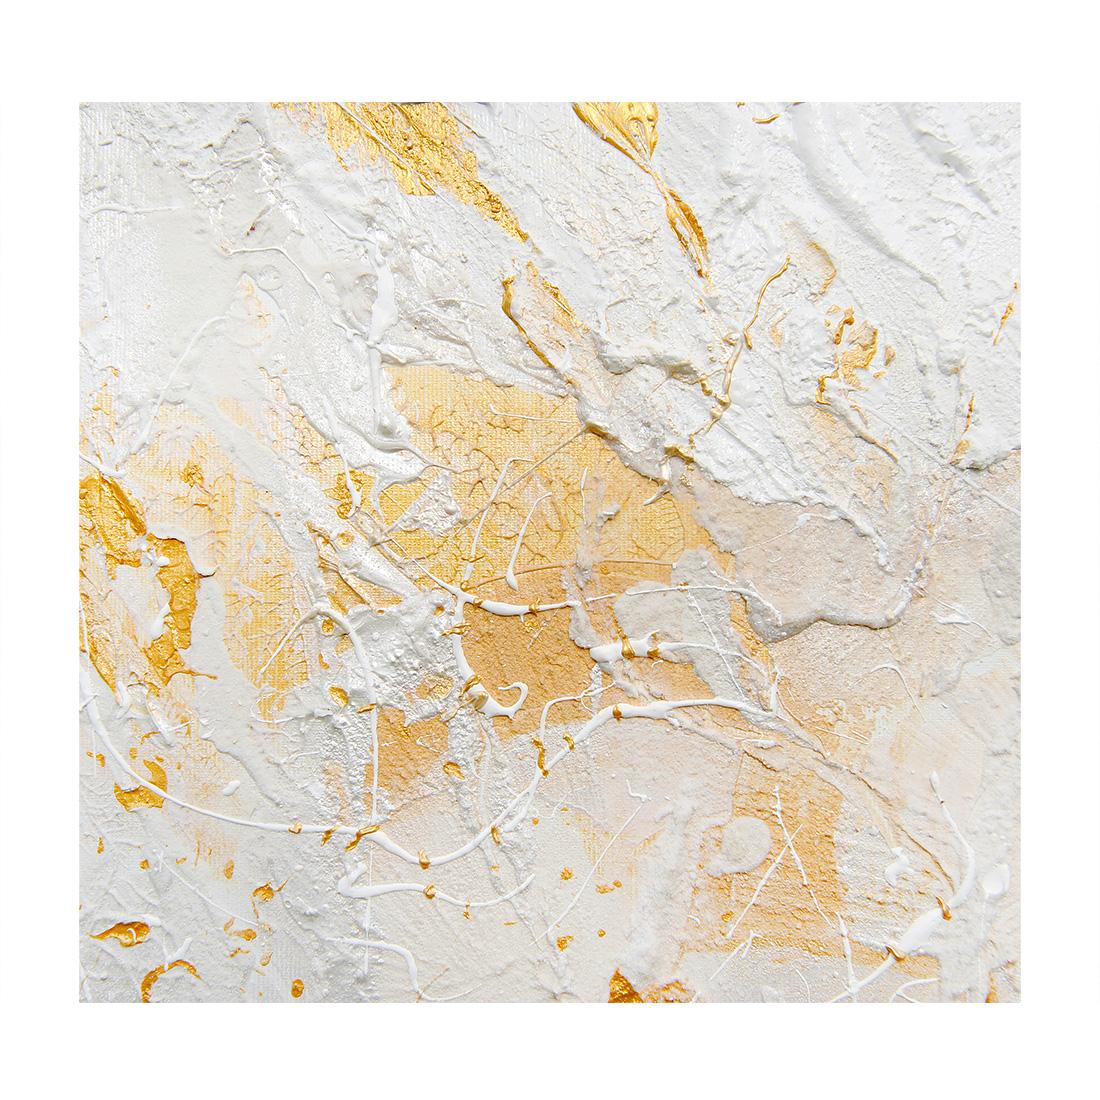 Maternità - Acrilico e Marmo su Tela - 70 x 100 - 2015-C